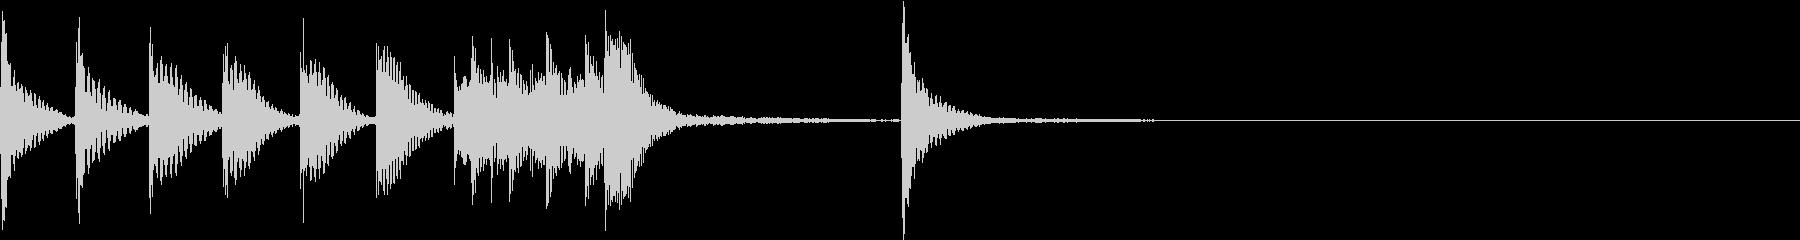 ほのぼのしたマリンバジングル2の未再生の波形